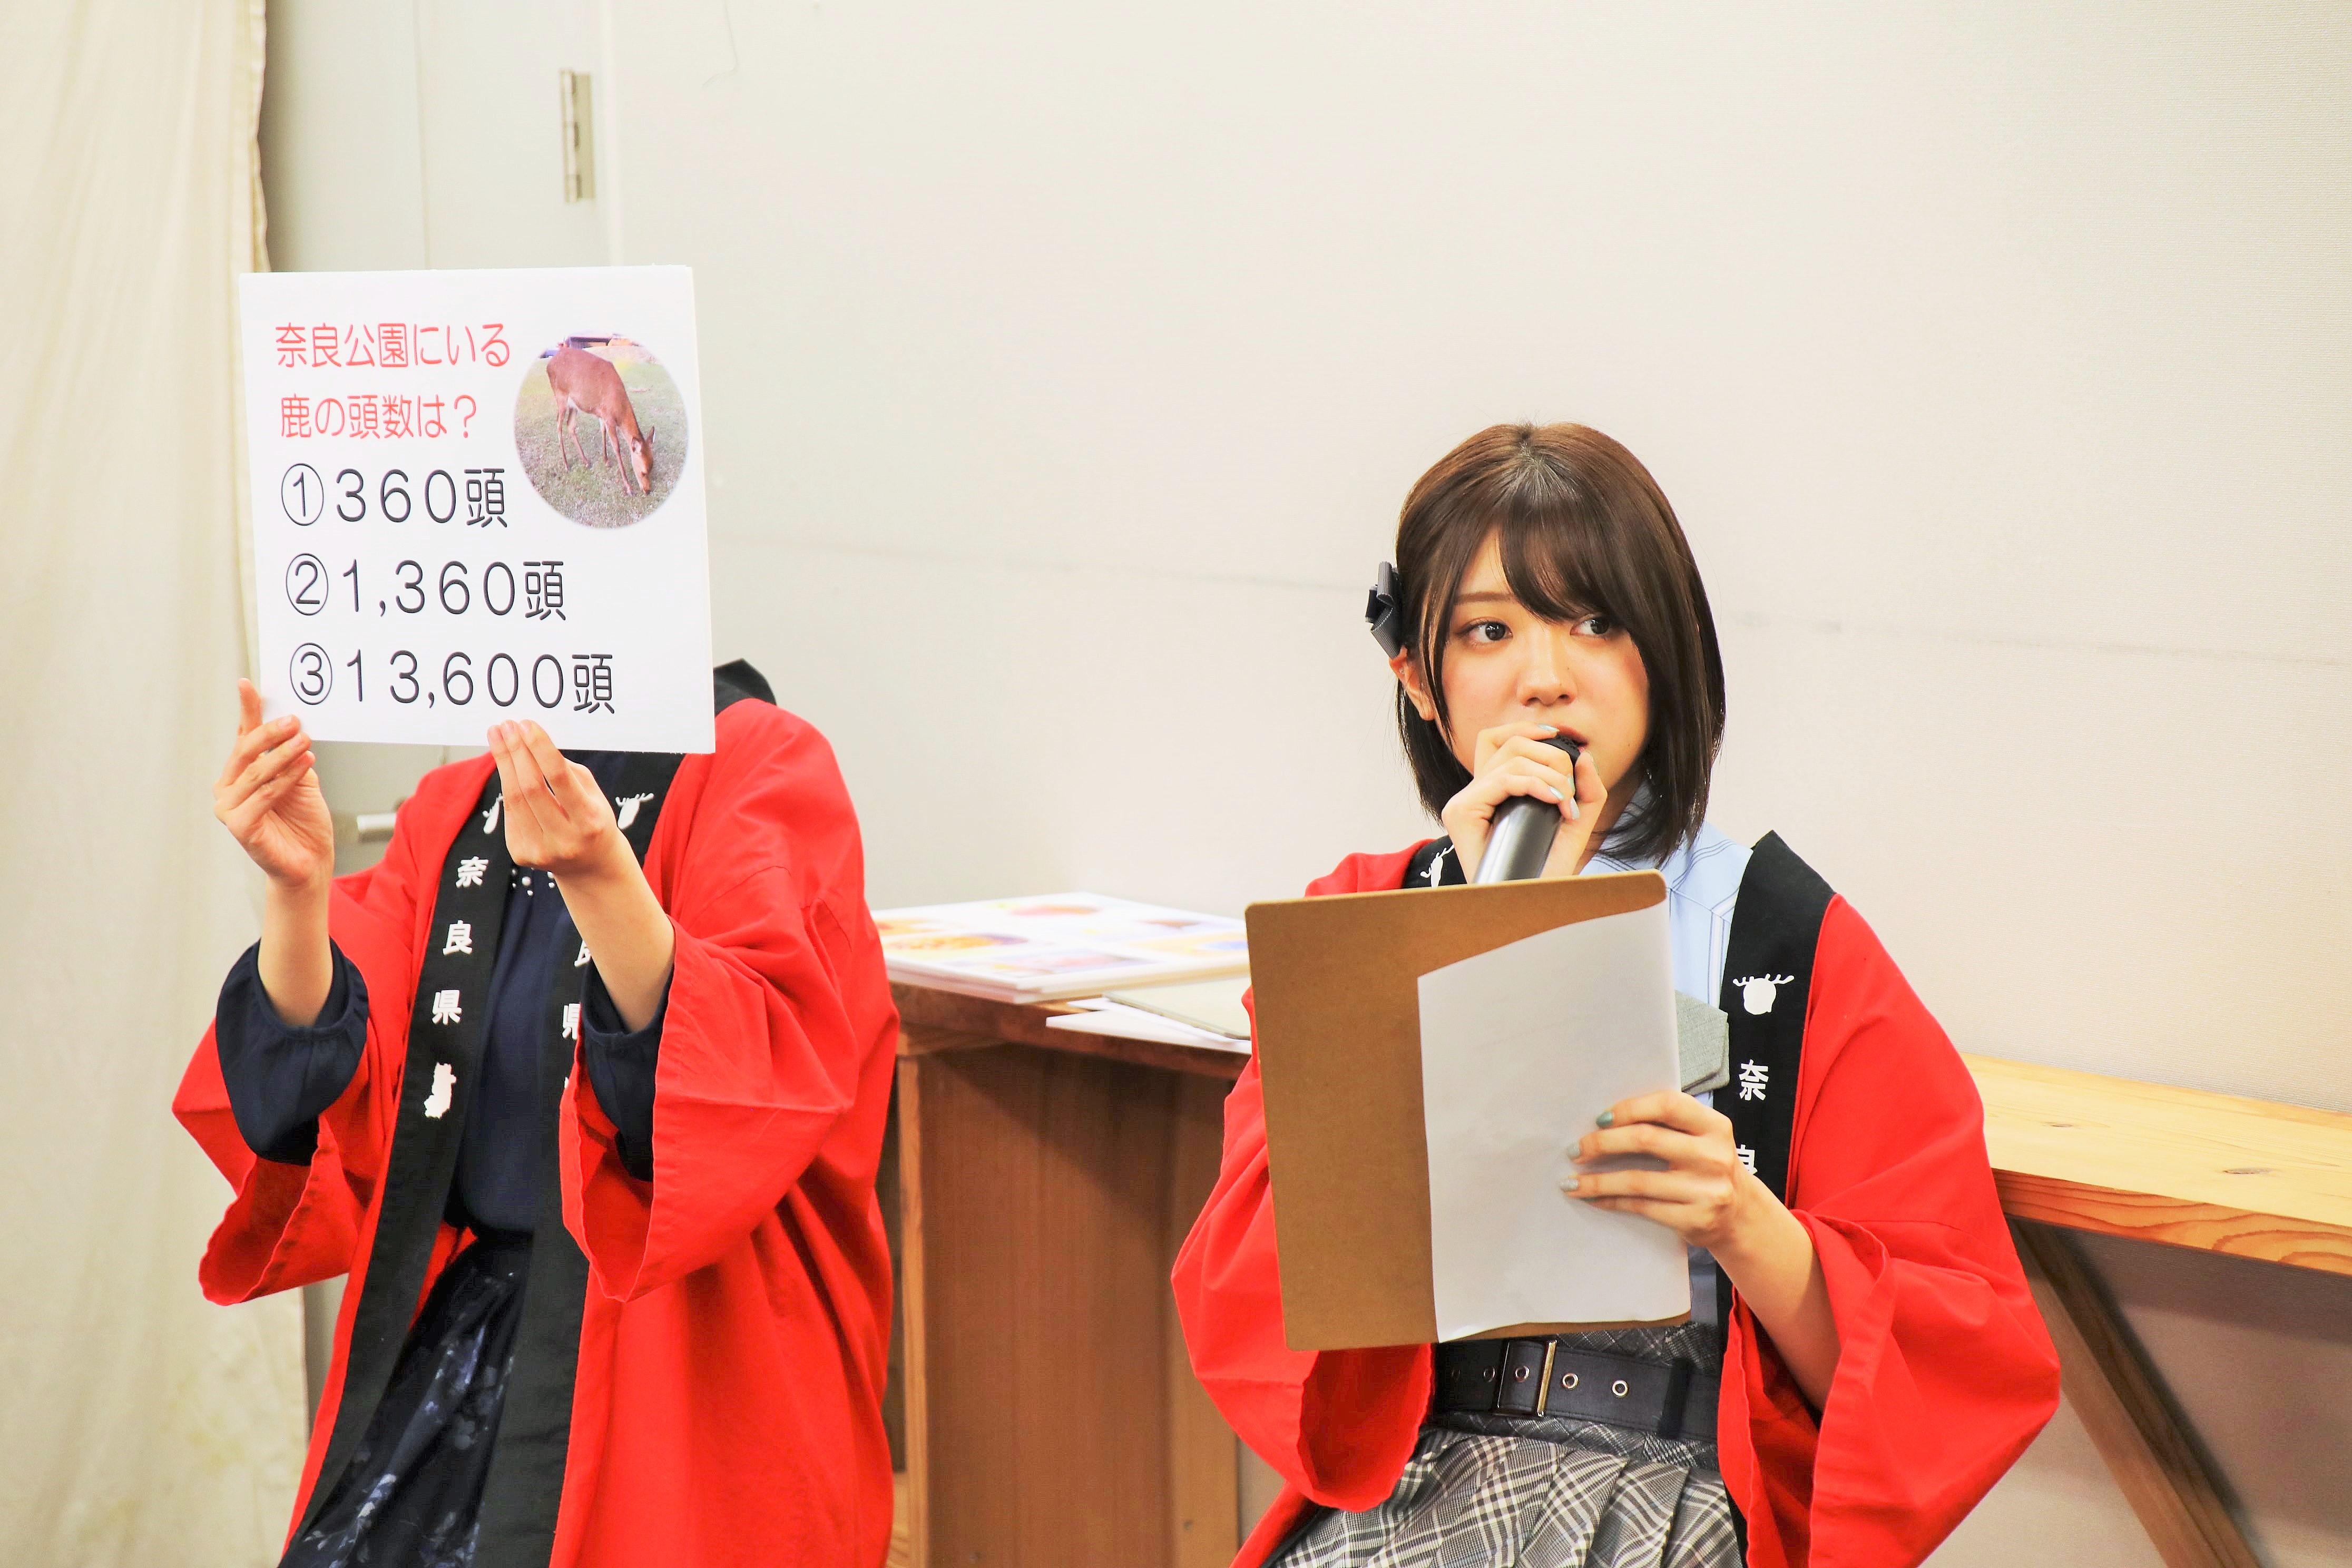 「奈良まほろば館」で奈良県特別観光セミナーでの大西桃香(右)